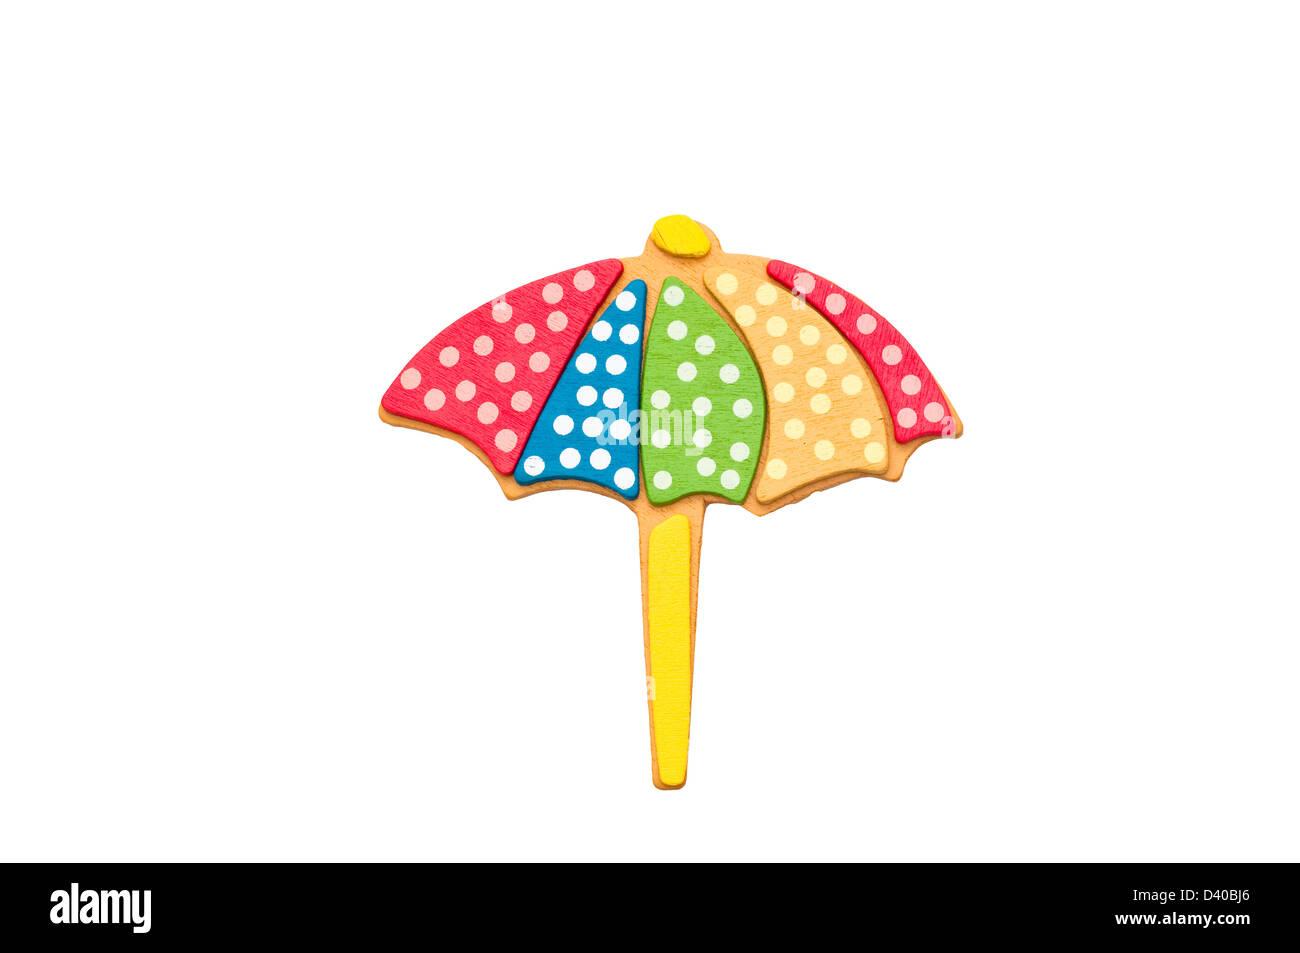 Beach umbrella isolated on white background. - Stock Image